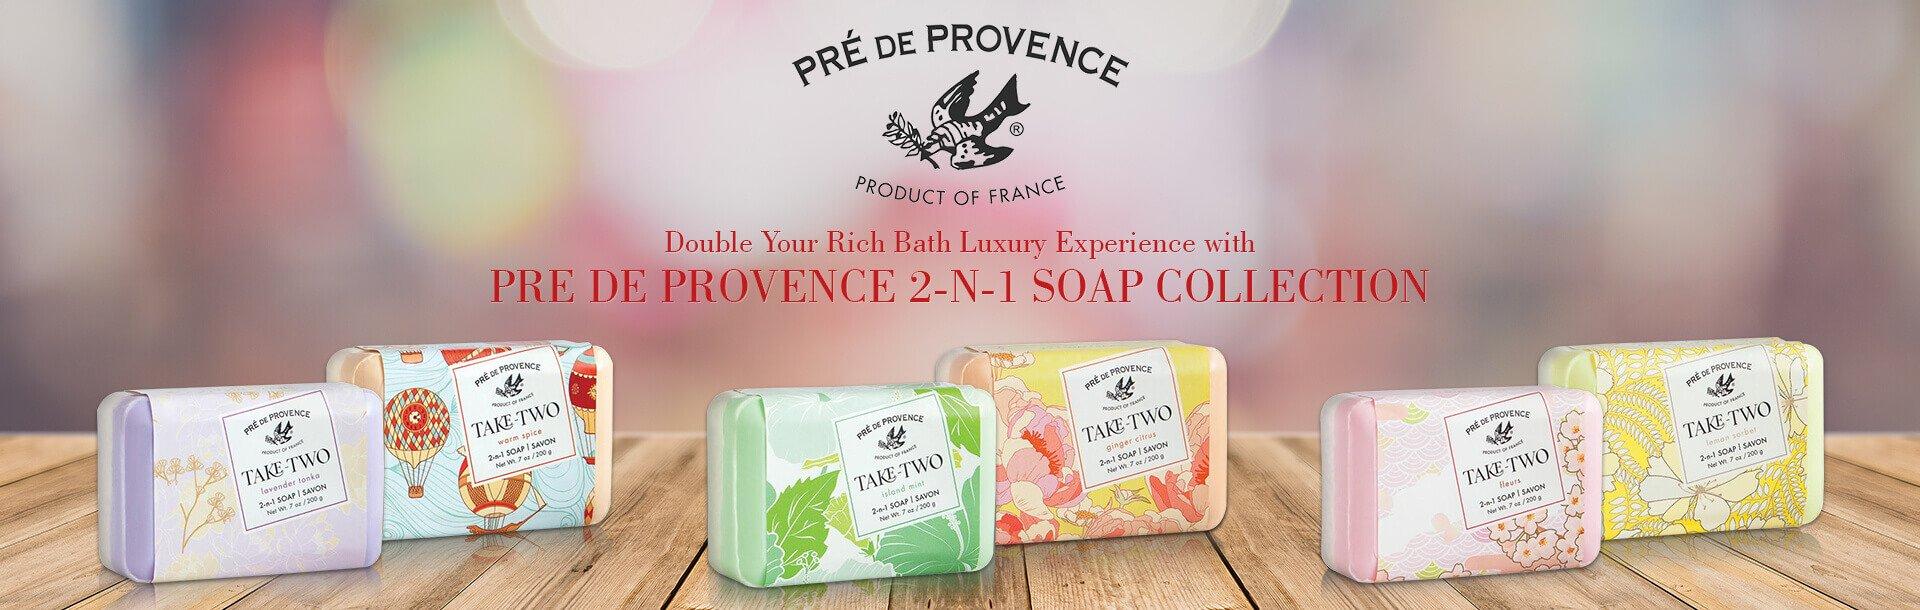 Pre De Provence Collection